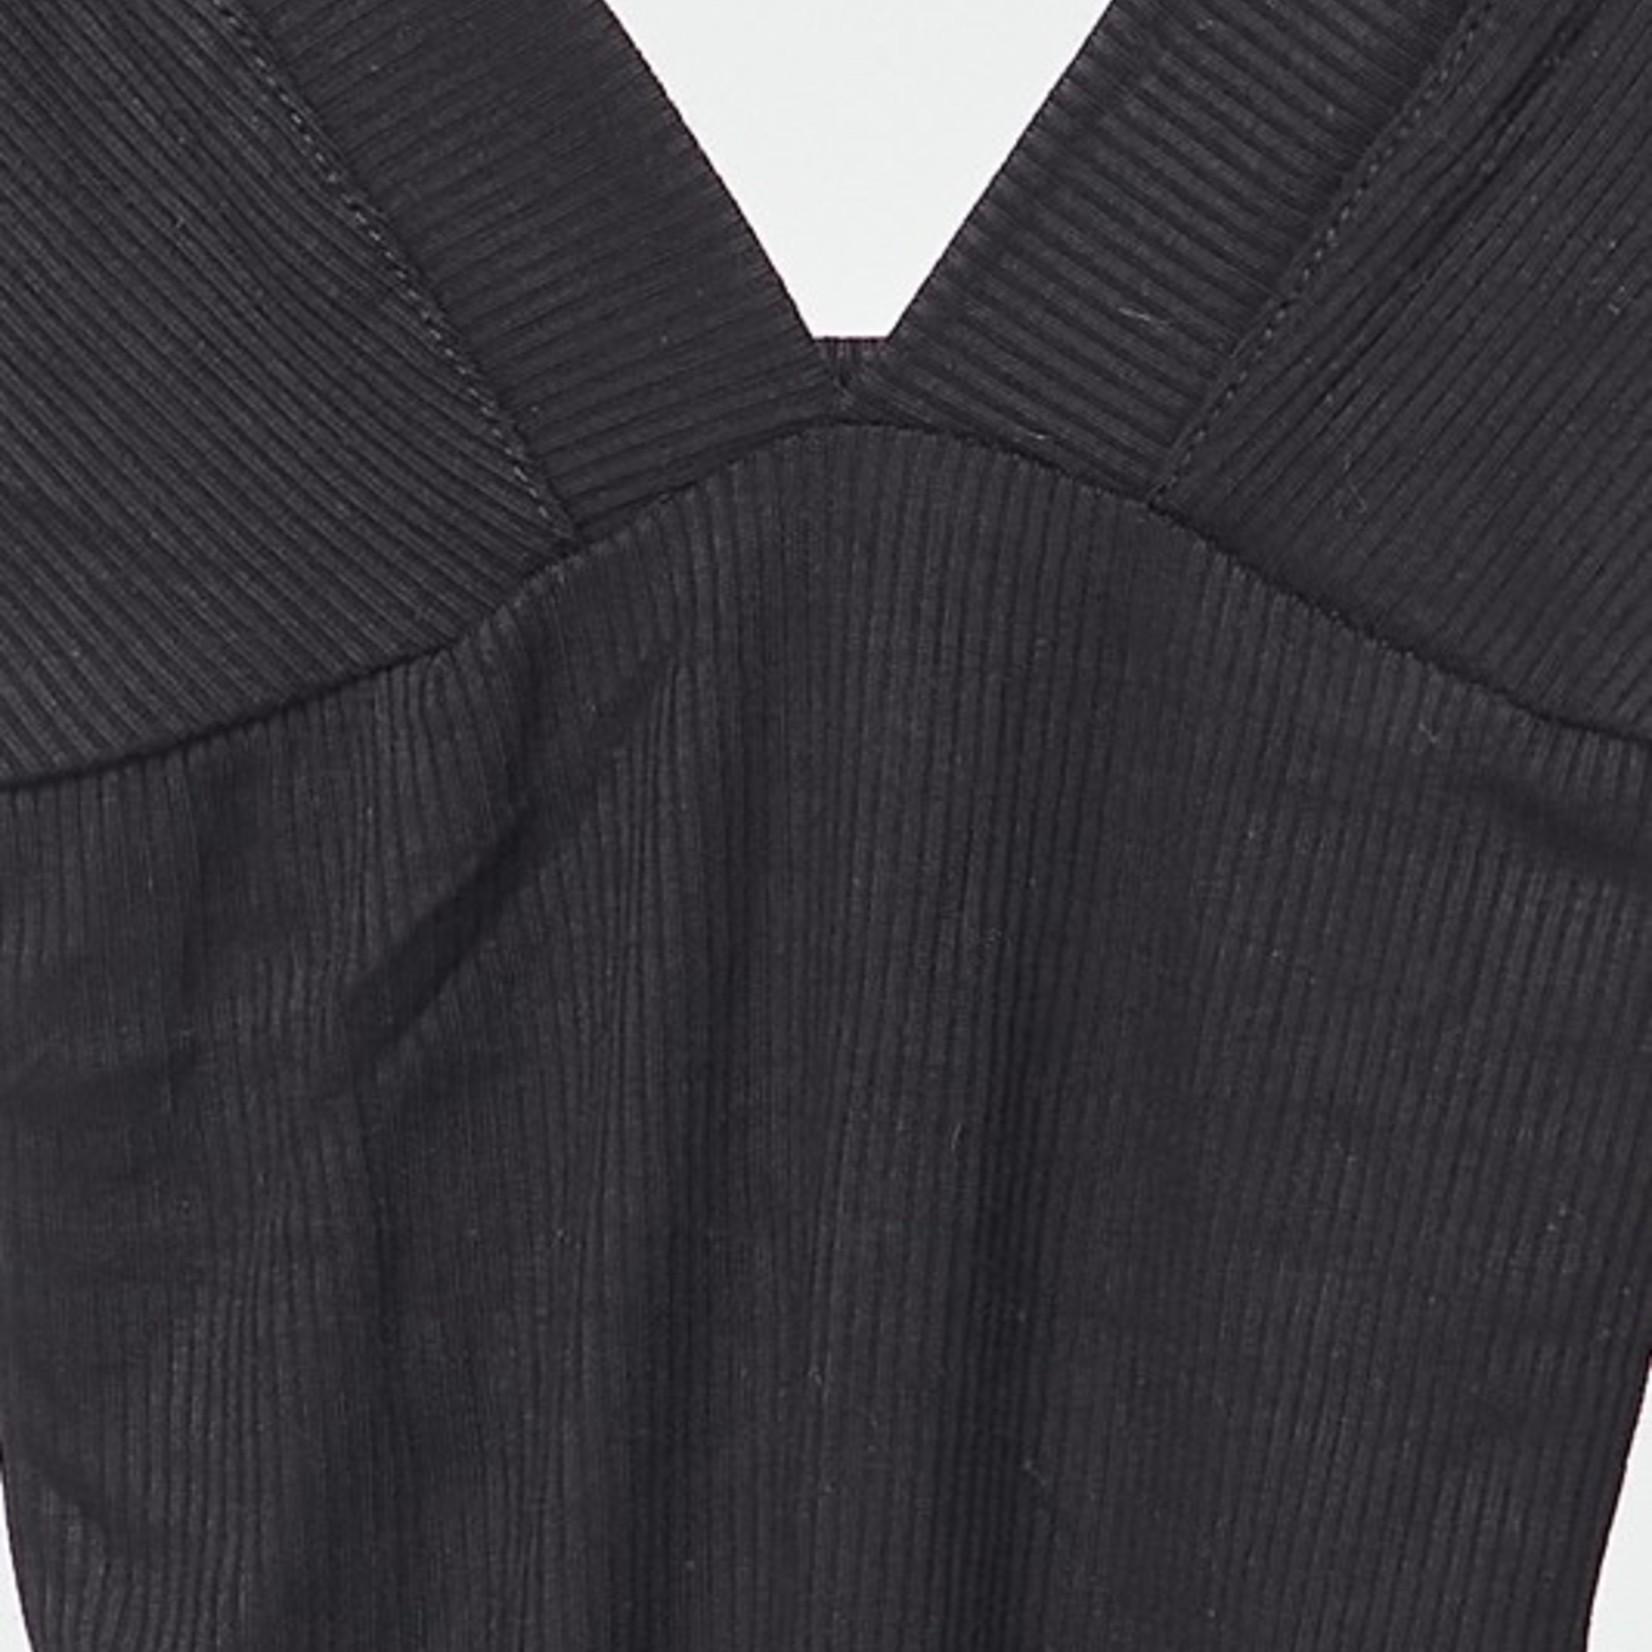 2ne1 - beauty deepV tank bodysuit